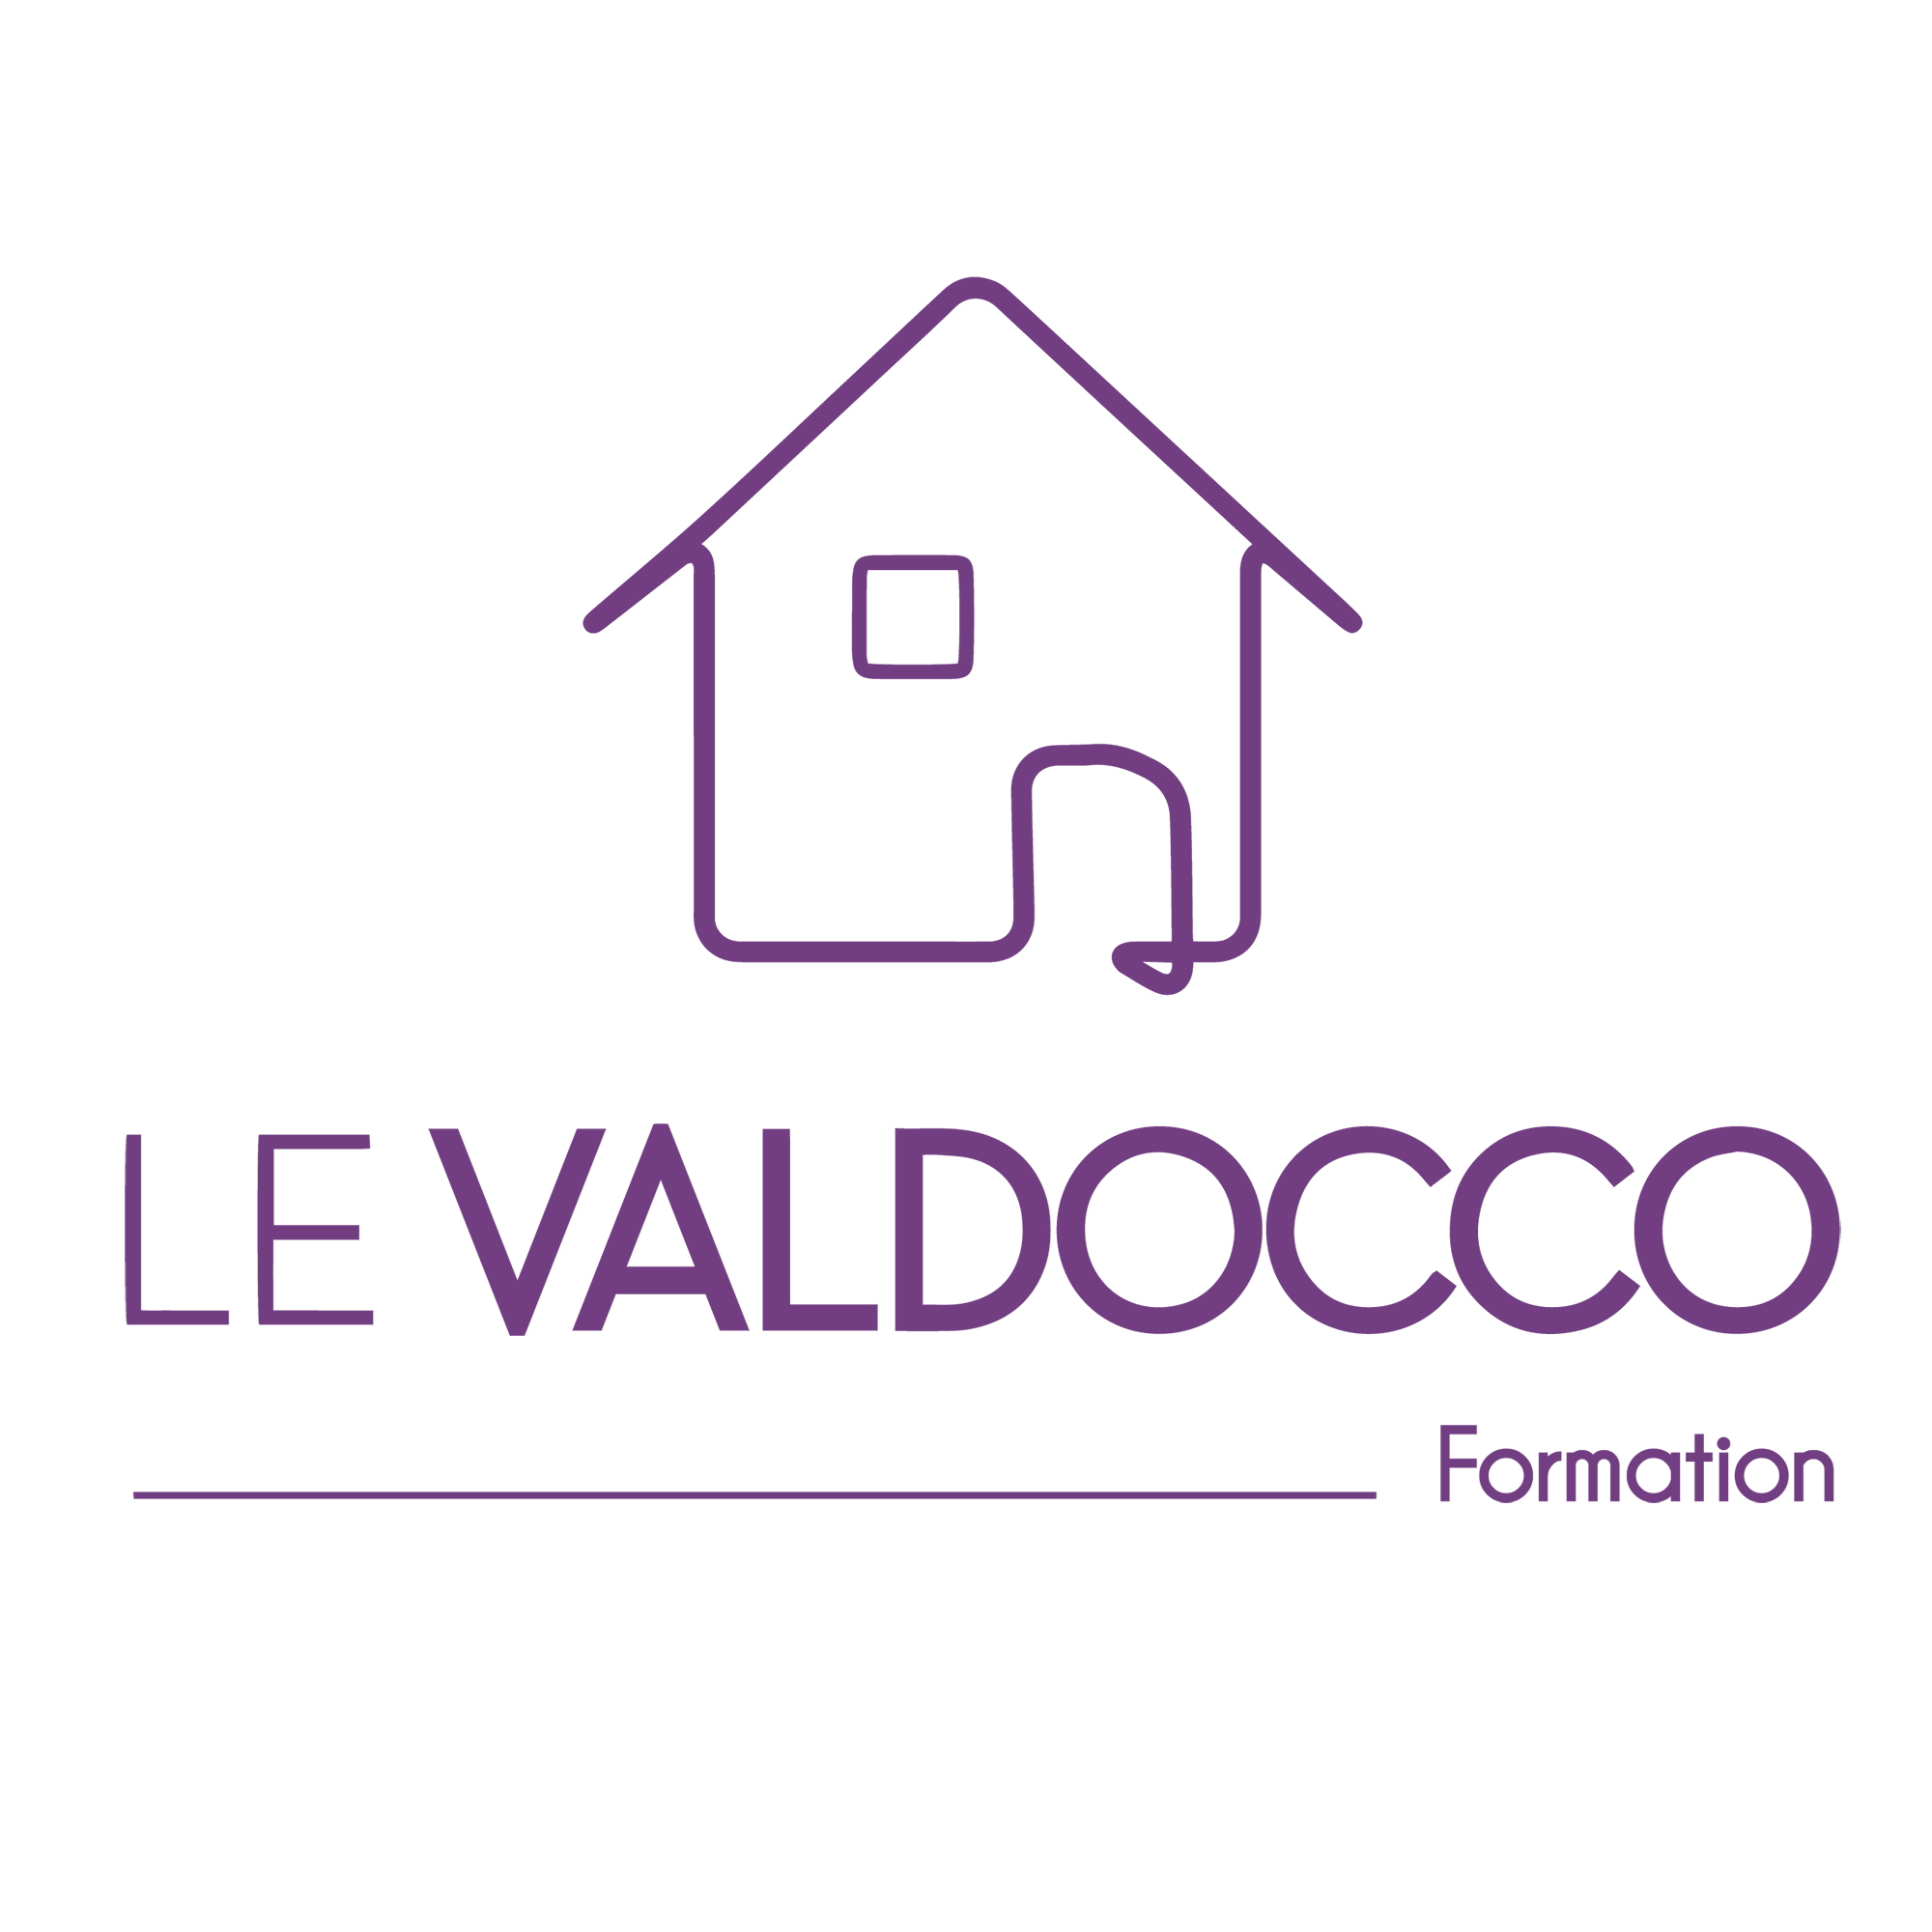 Le Valdocco Logo formation